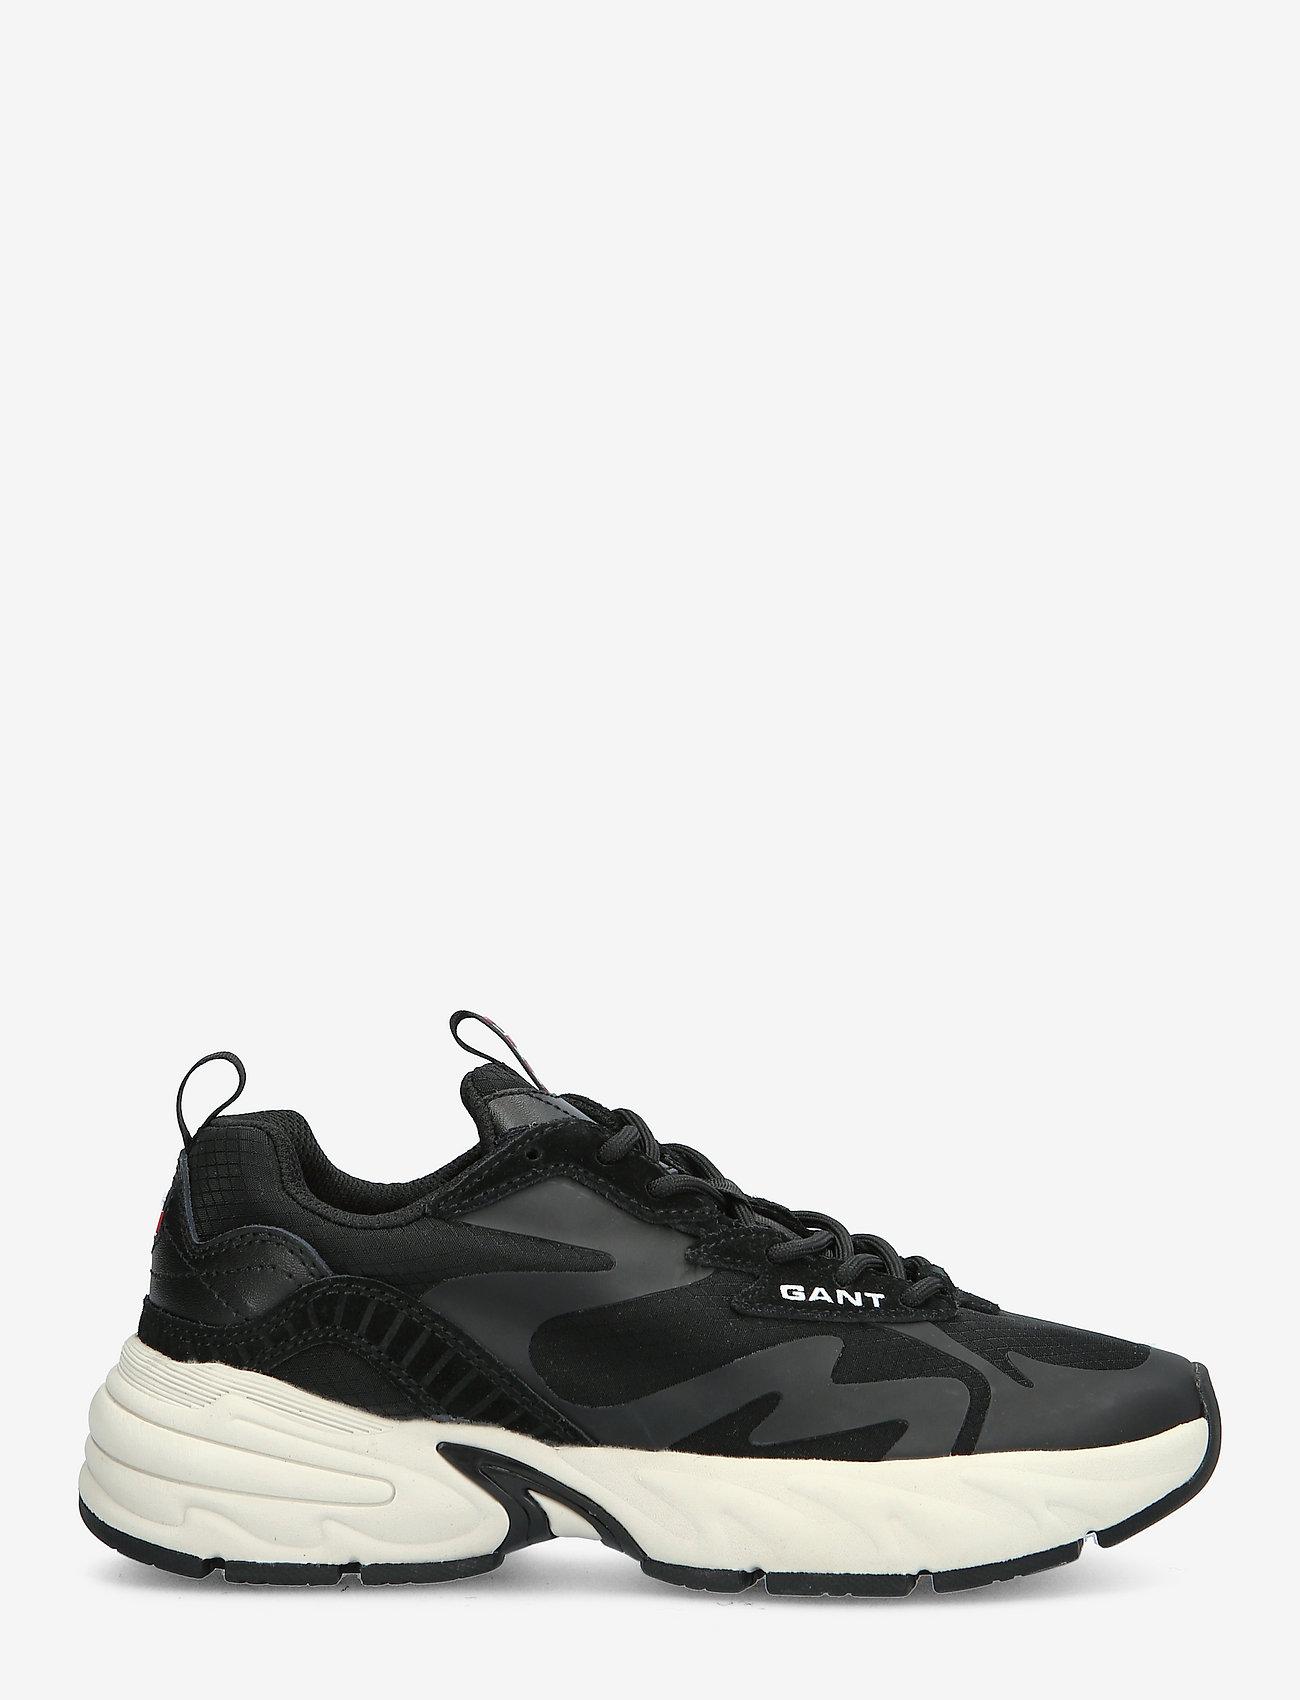 GANT - Mardii Sneaker - low top sneakers - black - 1